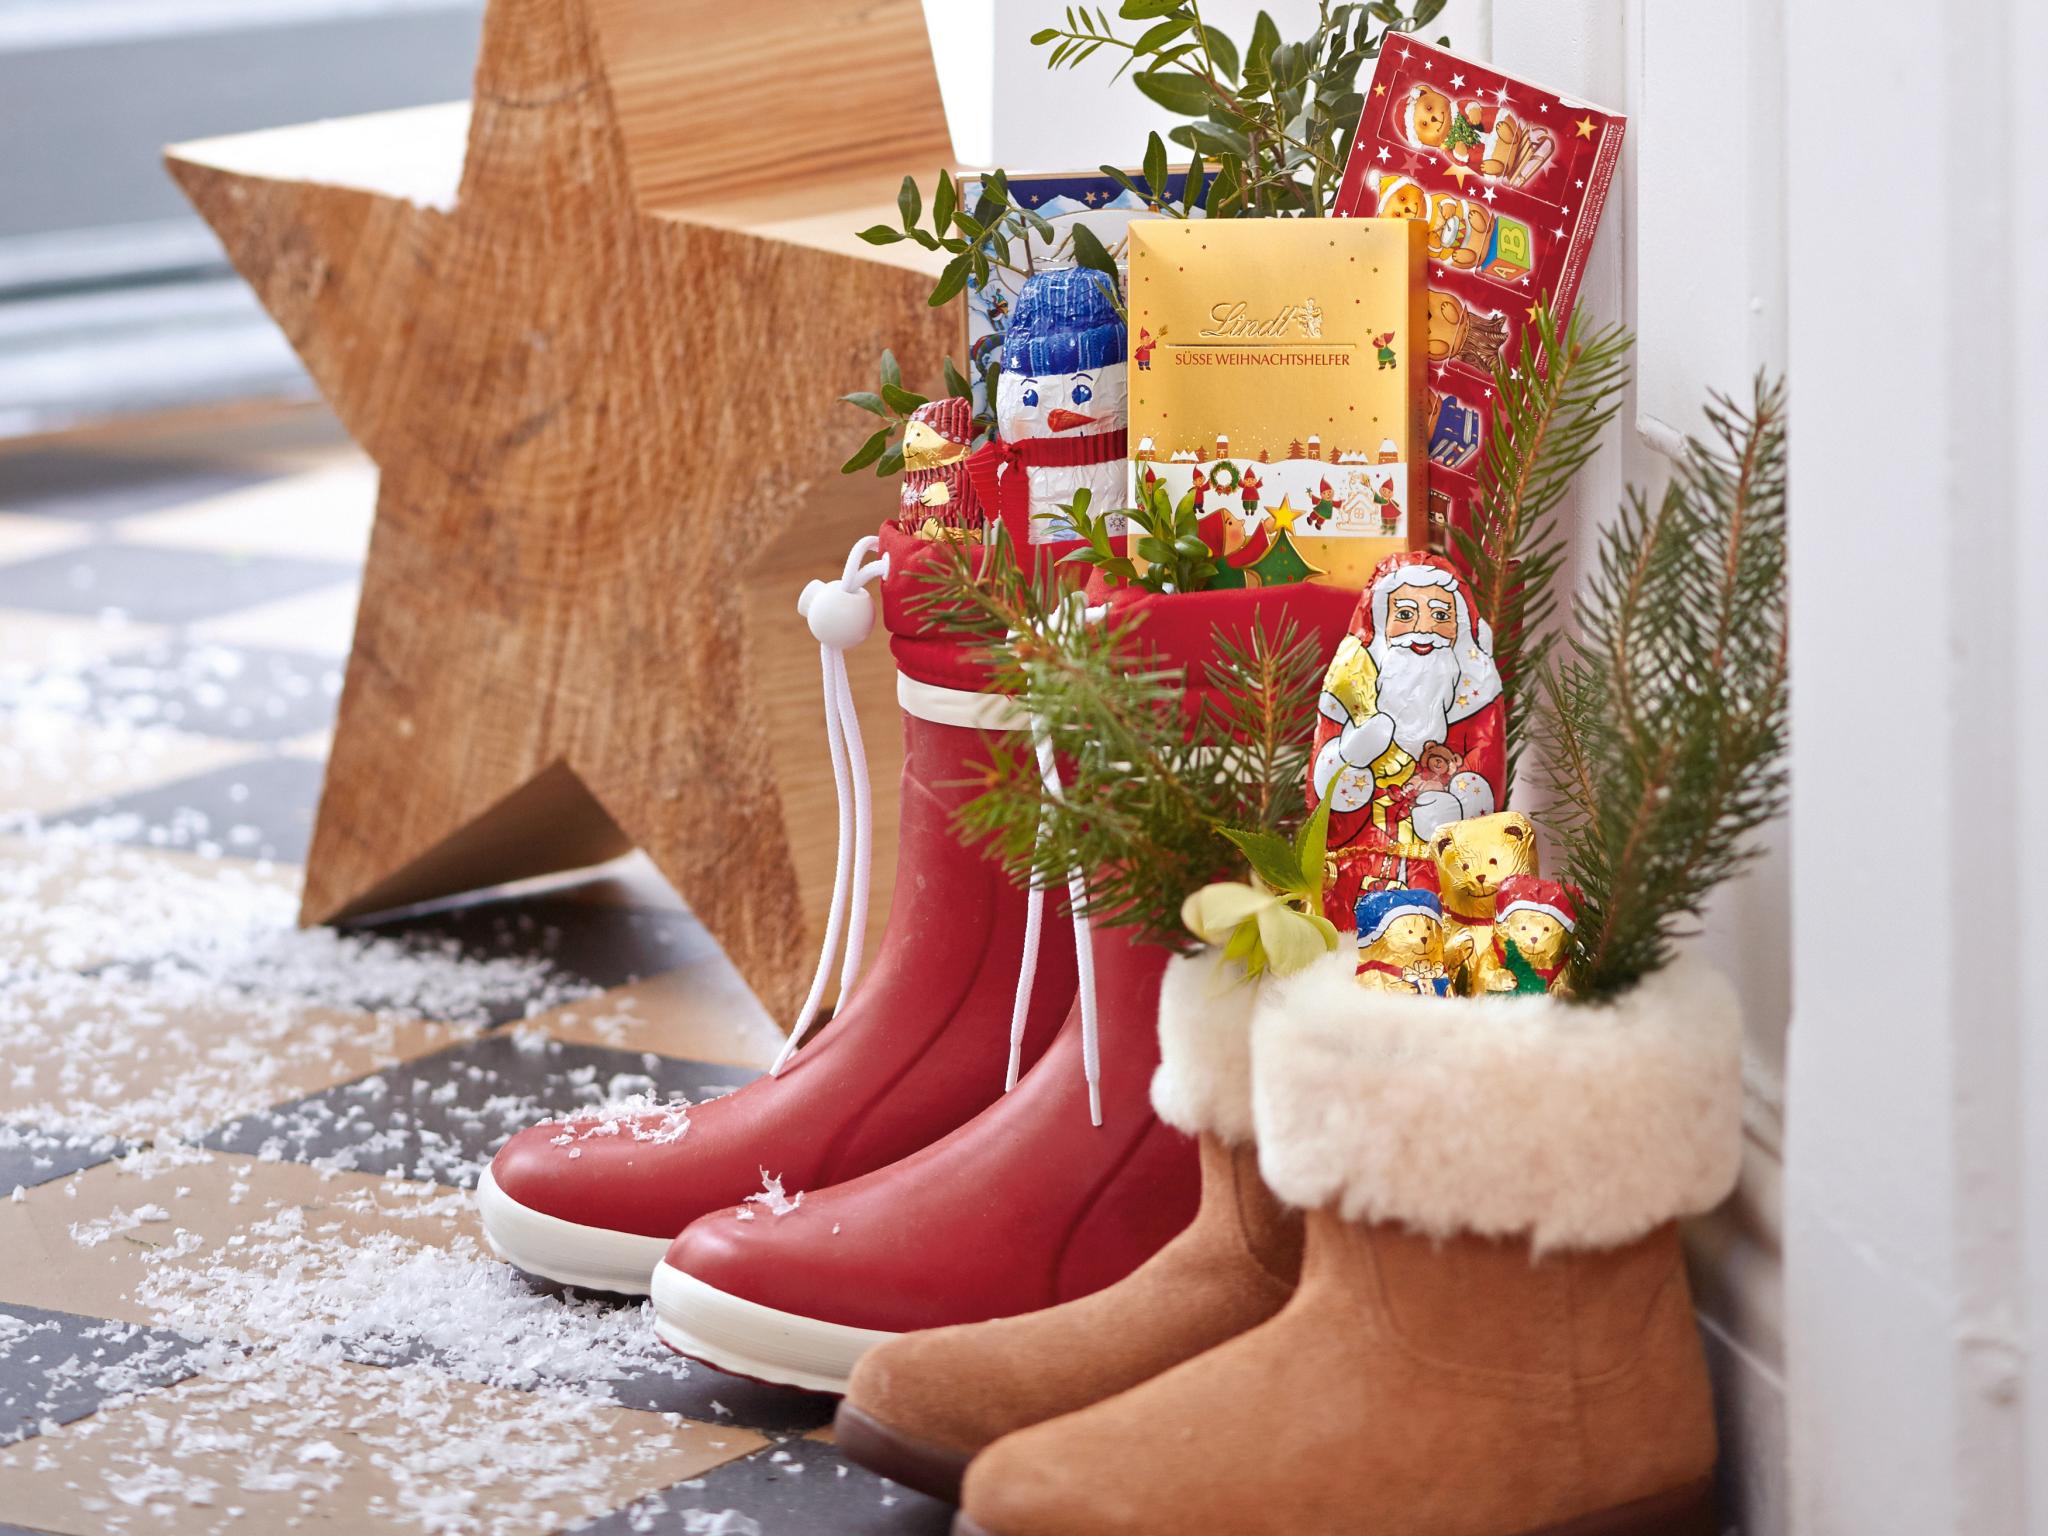 Weihnachtsstimmung mit Schokolade von Lindt. Foto: A6 Fashion Place